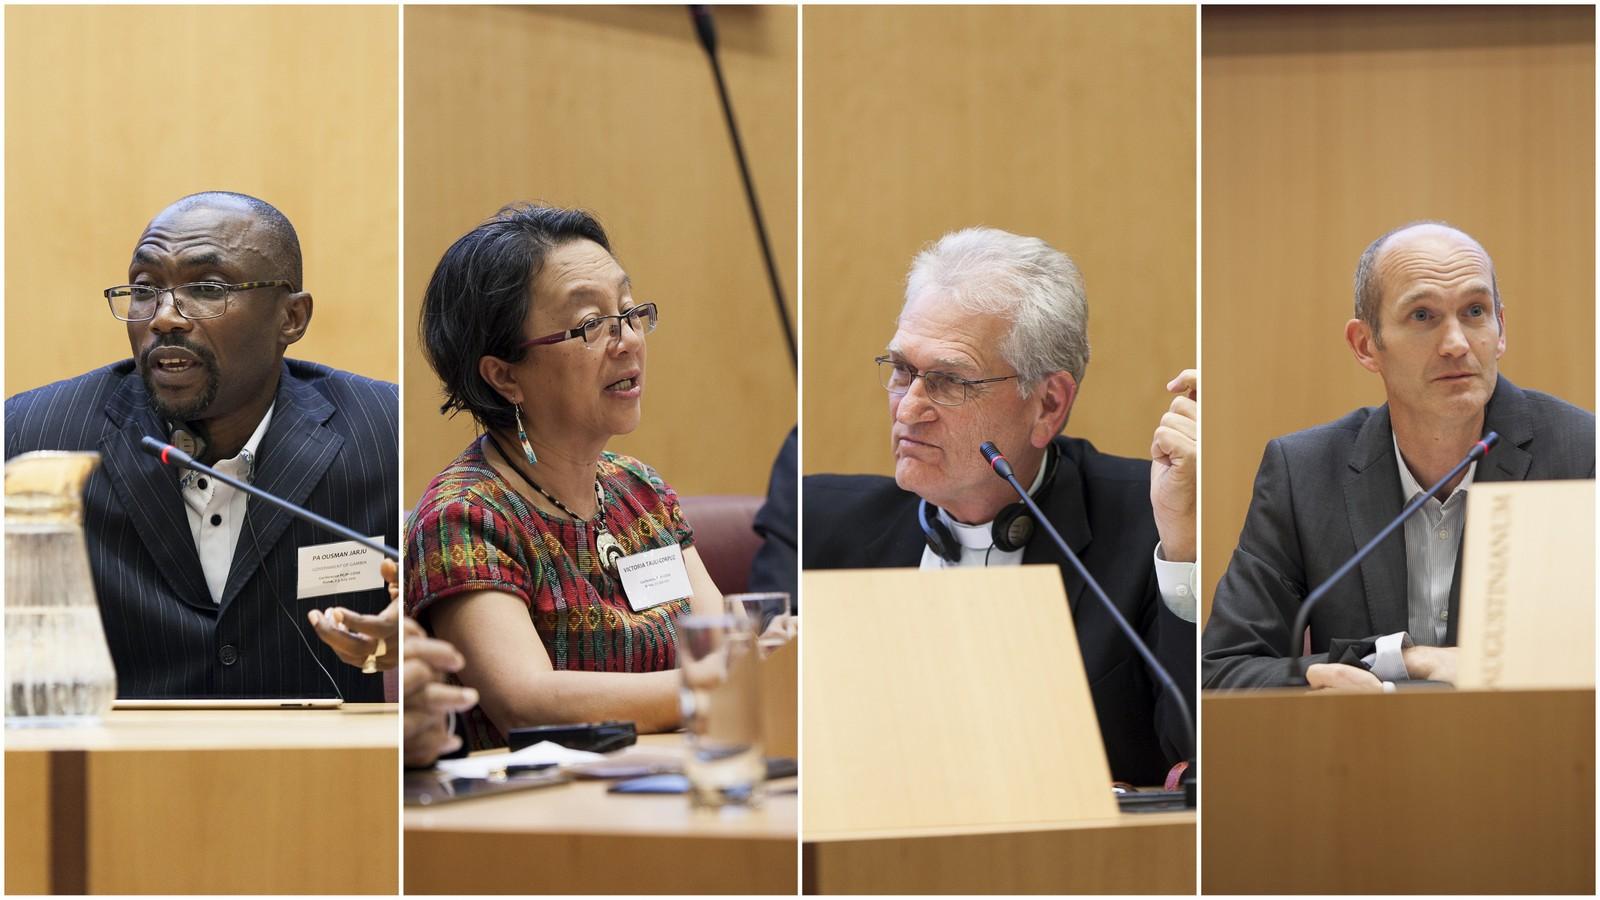 Panel dialogue 2